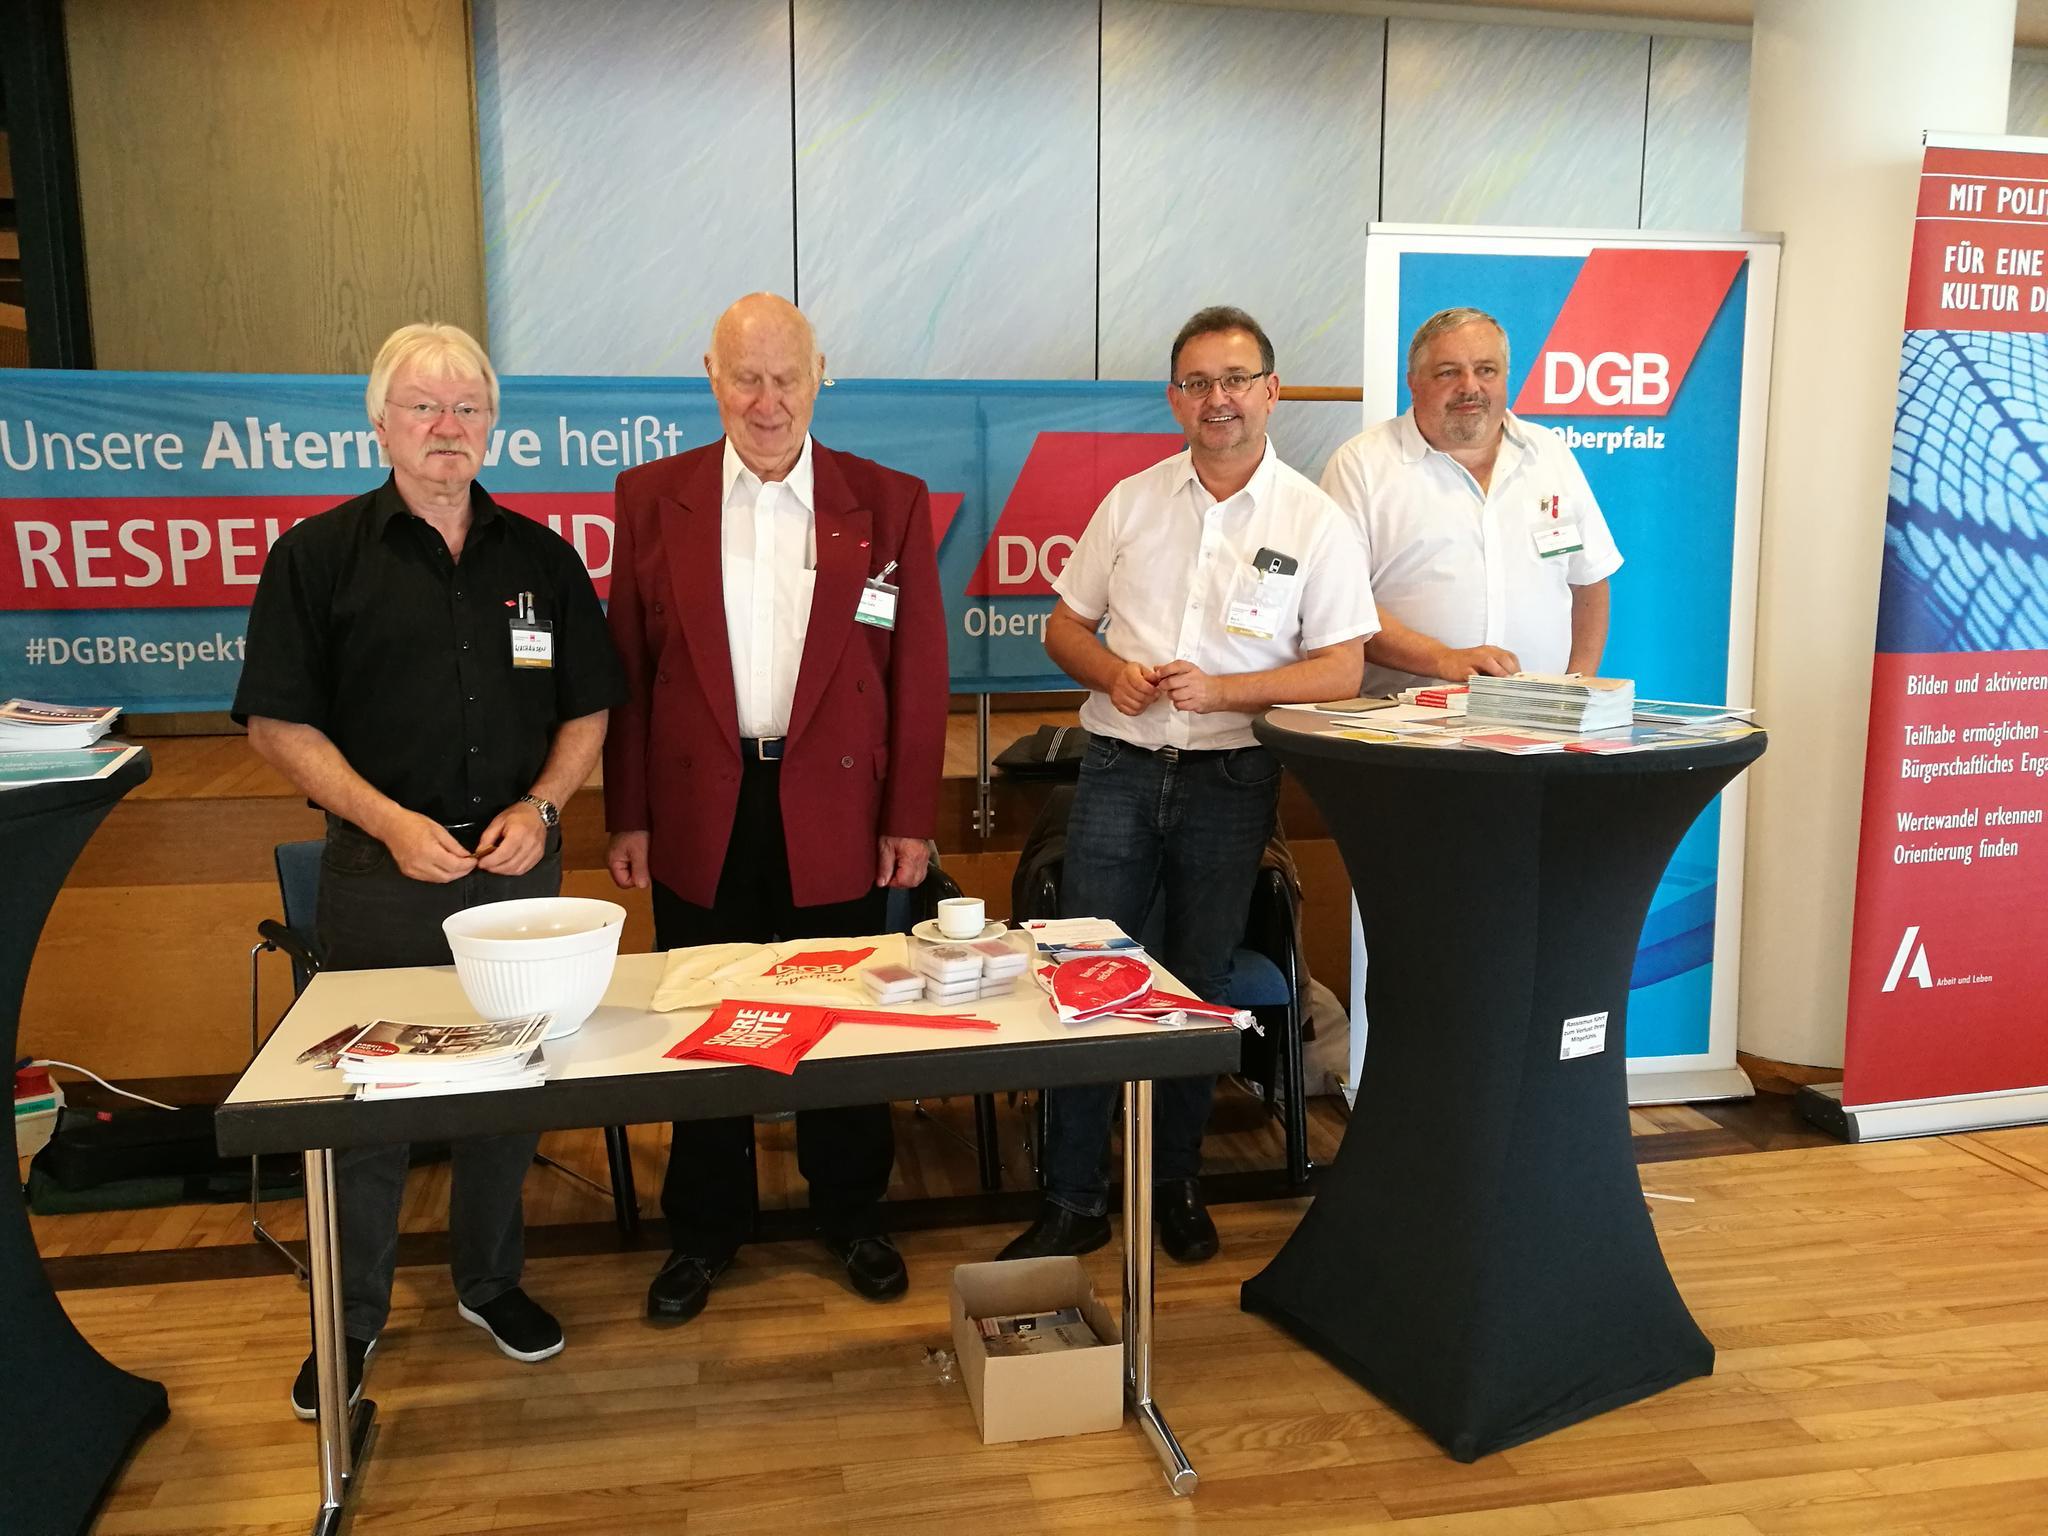 Der Aktionsstand des DGB Kreisverbands Weiden-Neustadt